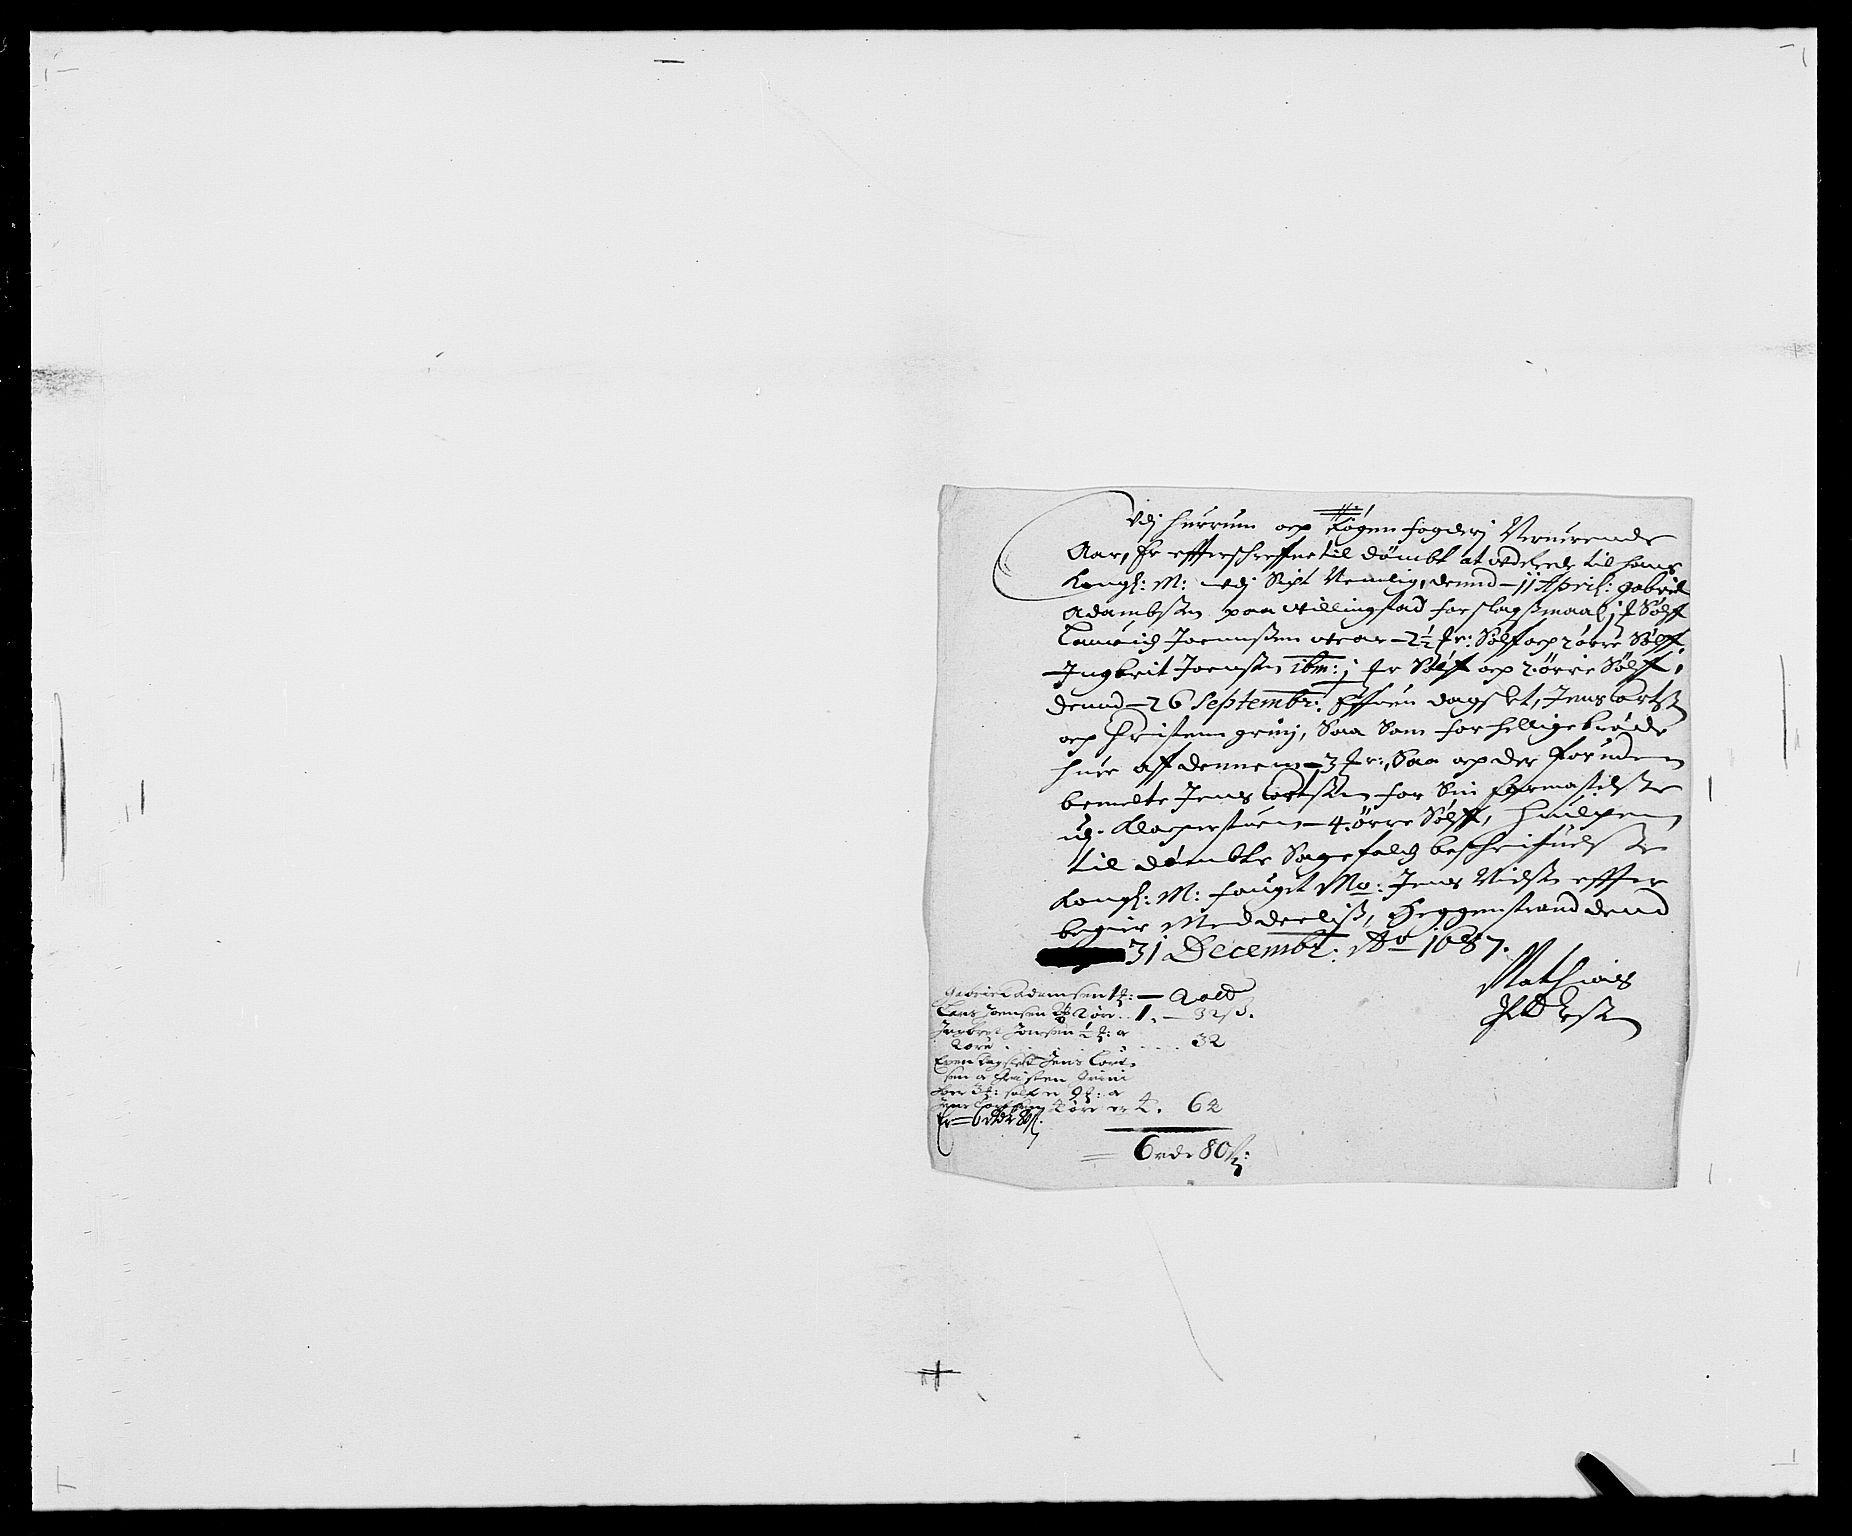 RA, Rentekammeret inntil 1814, Reviderte regnskaper, Fogderegnskap, R29/L1692: Fogderegnskap Hurum og Røyken, 1682-1687, s. 317